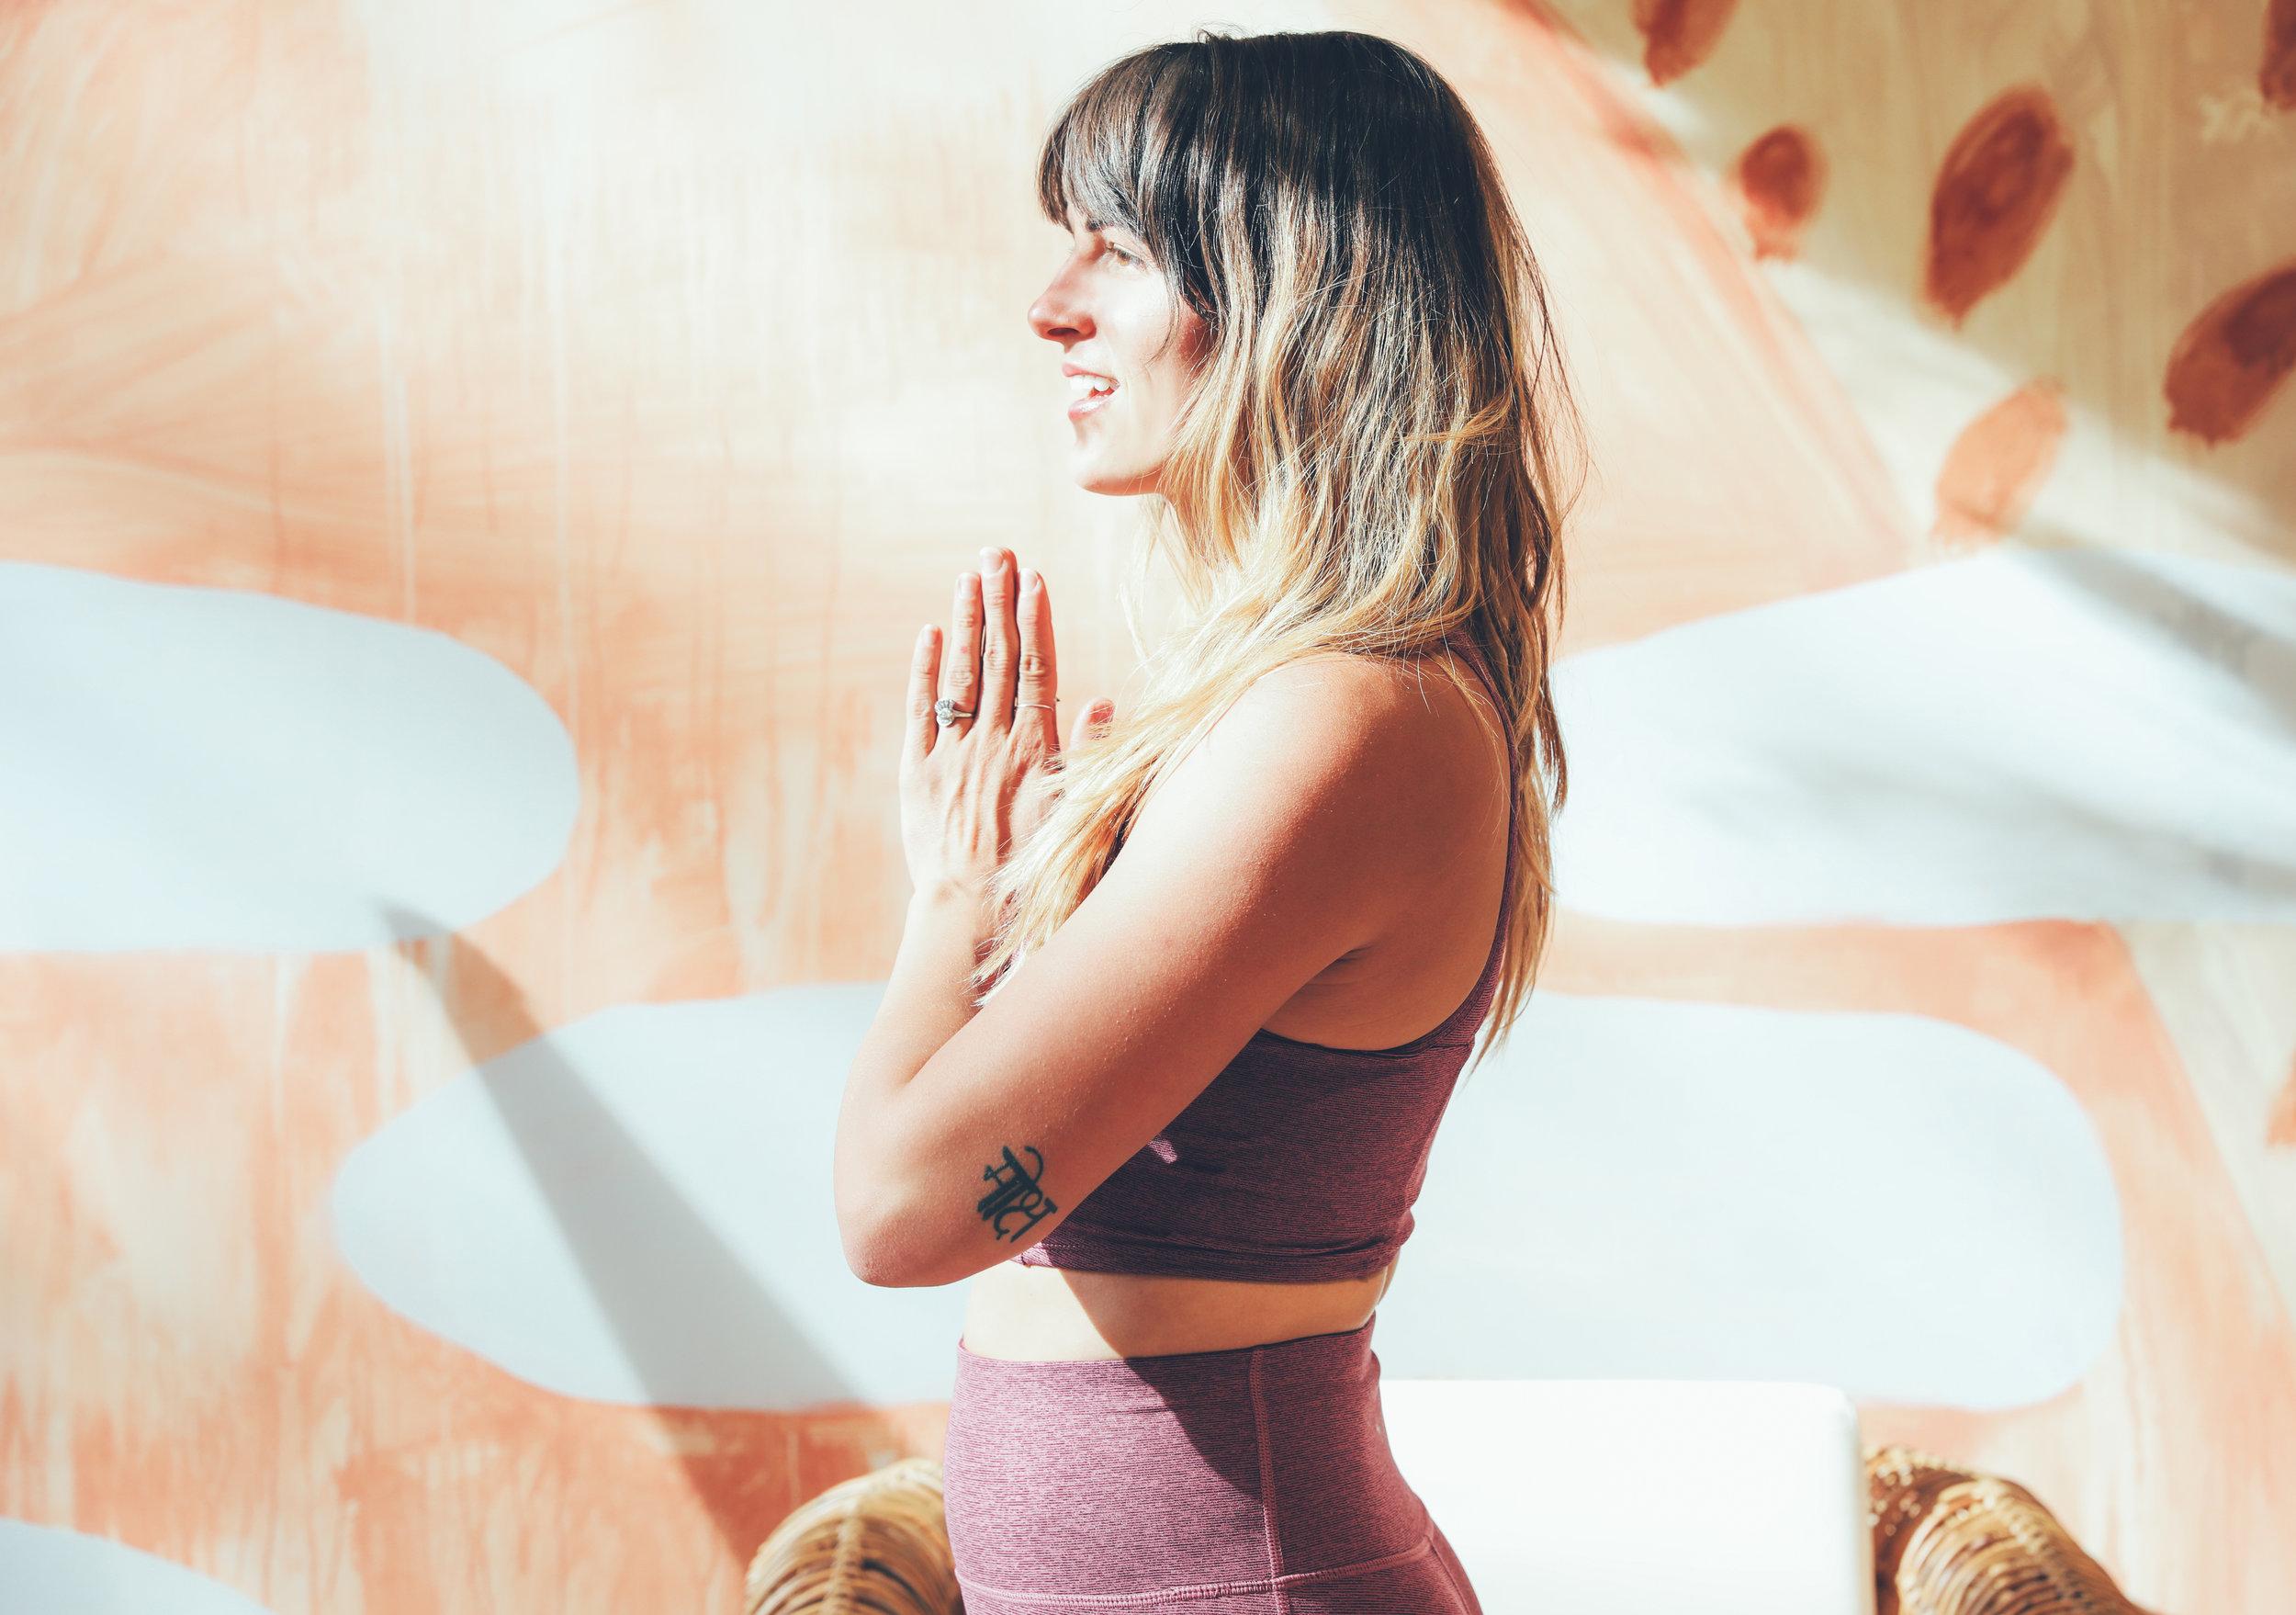 Margie_yoga_POMKT_026.jpg